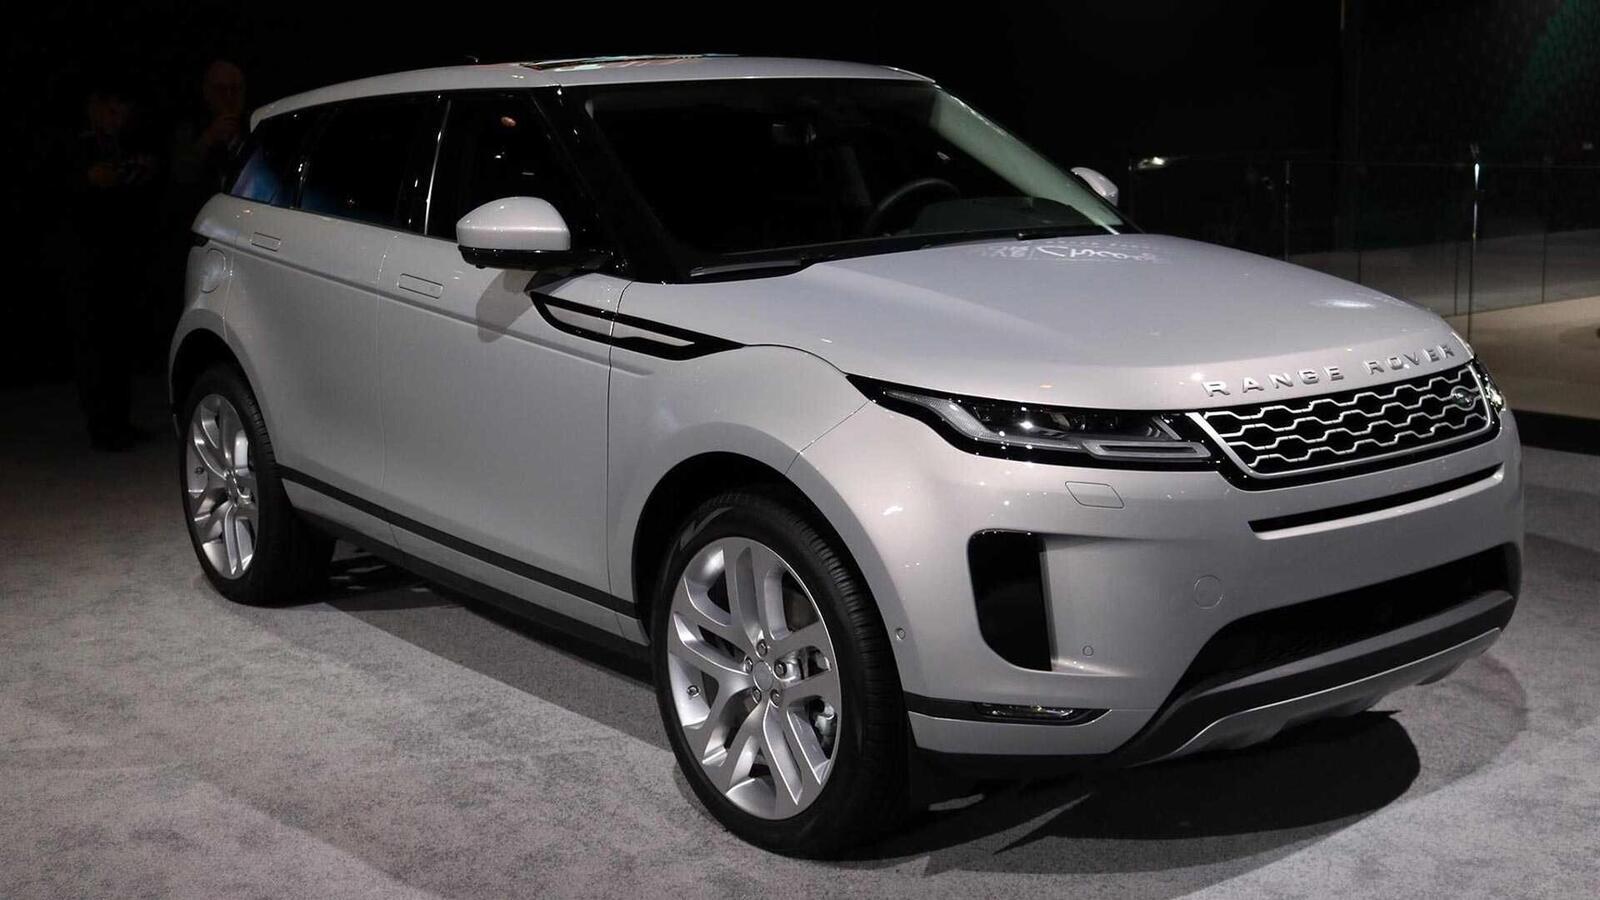 Range Rover Evoque mới tại Mỹ có giá từ 43.645 USD, đắt hơn Audi Q5 và Mercedes GLC - Hình 1